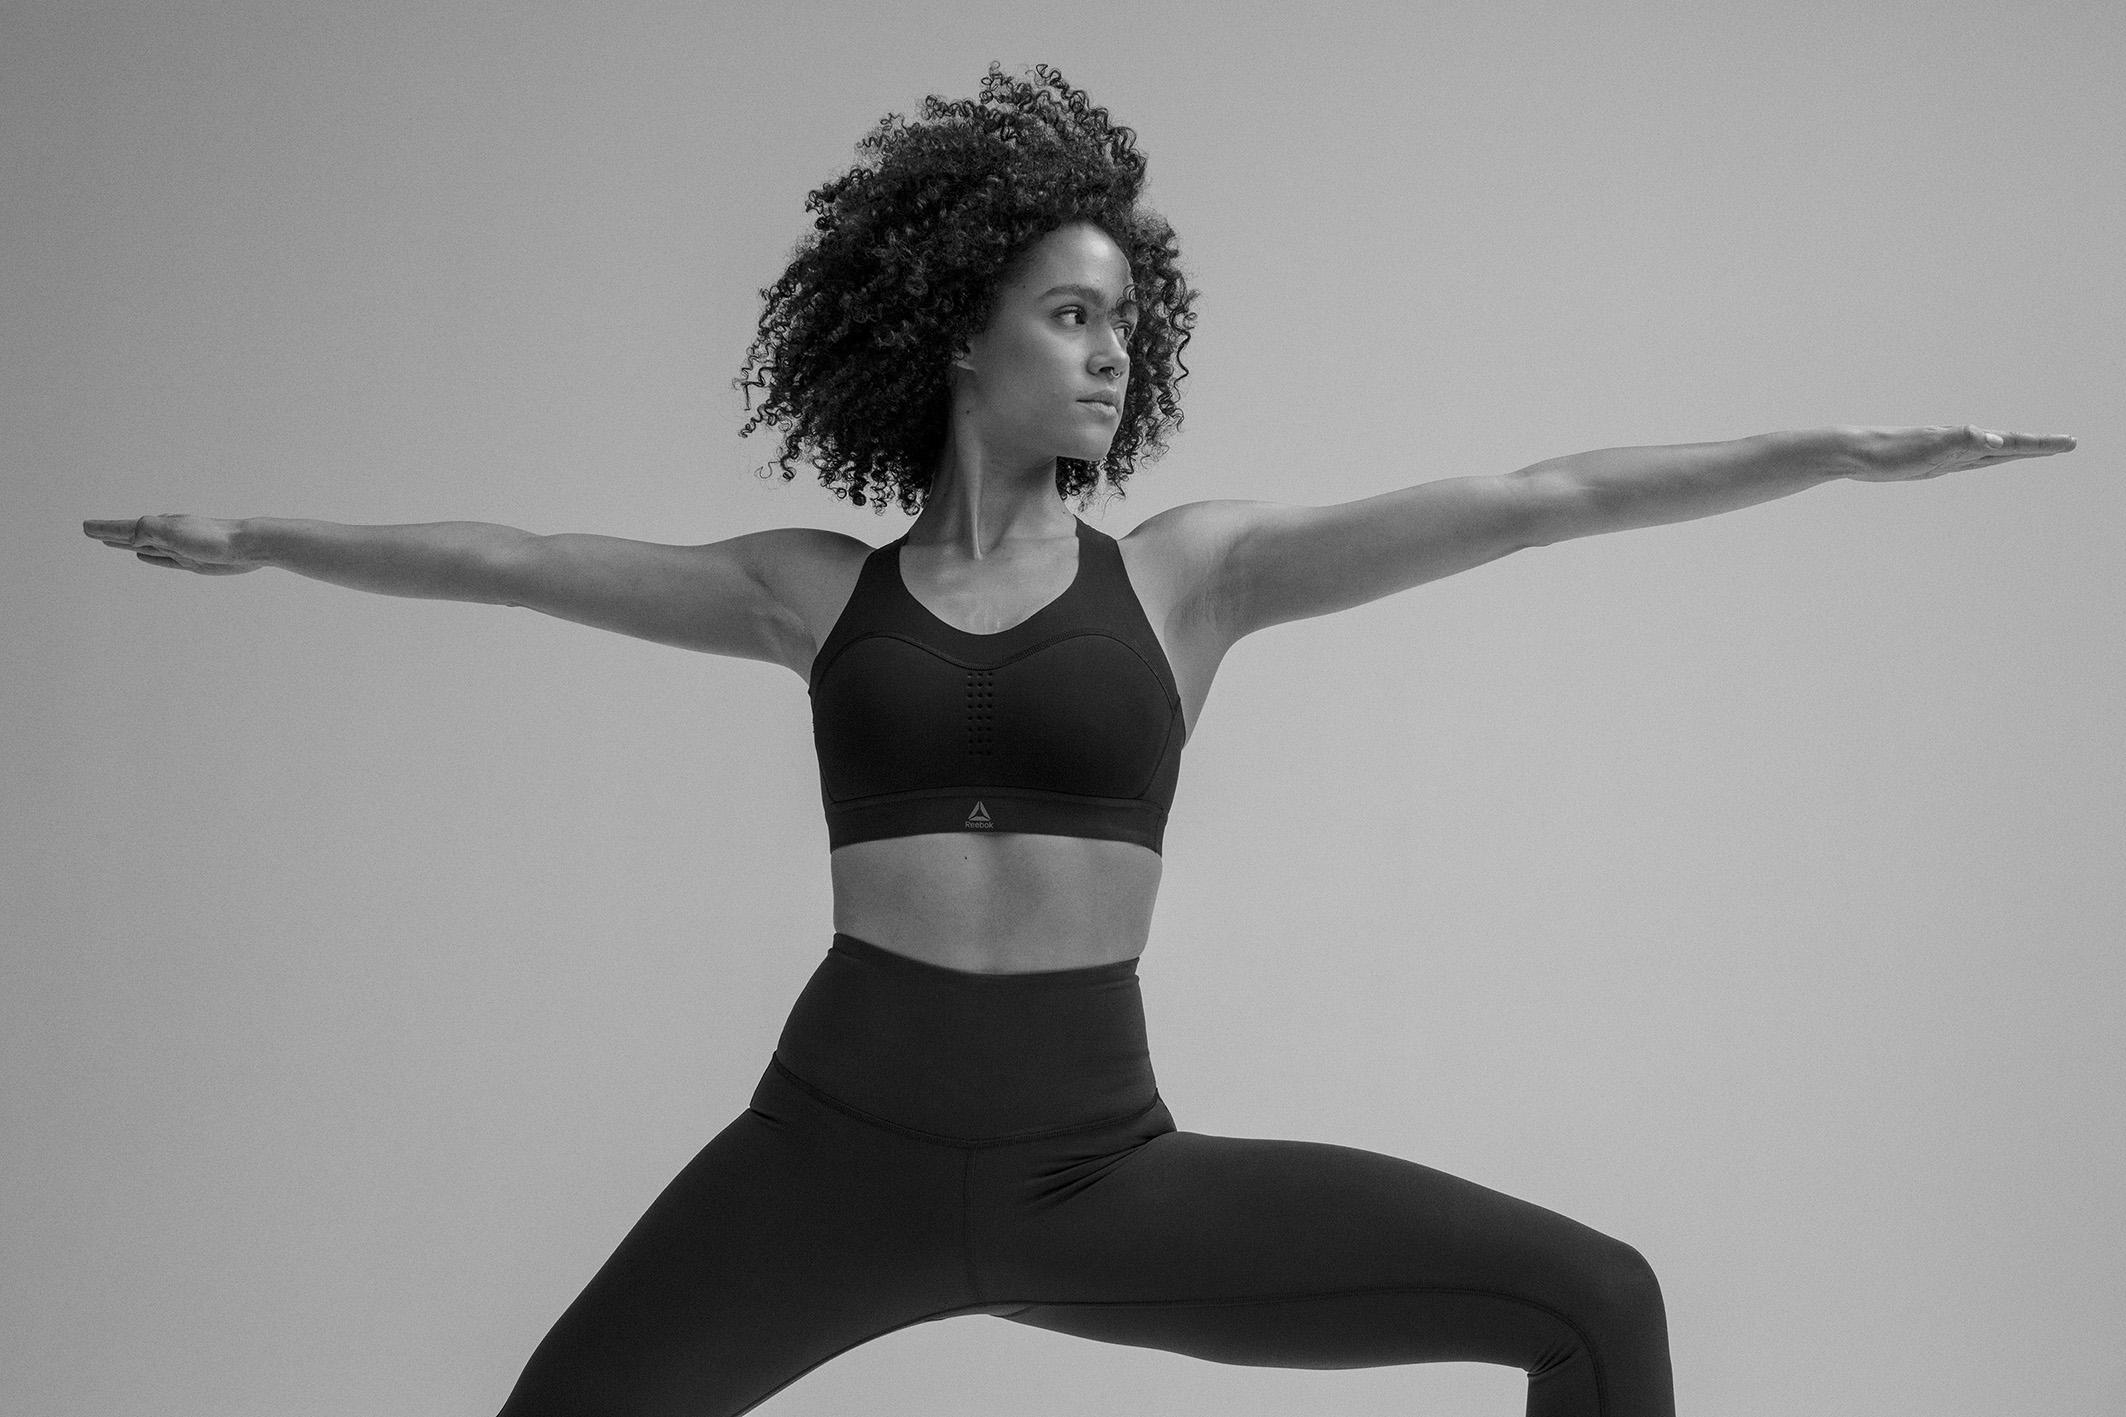 Η Reebok τιμά τις δυναμικές γυναίκες που μας εμπνέουν να γίνουμε η καλύτερη εκδοχή του εαυτού μας